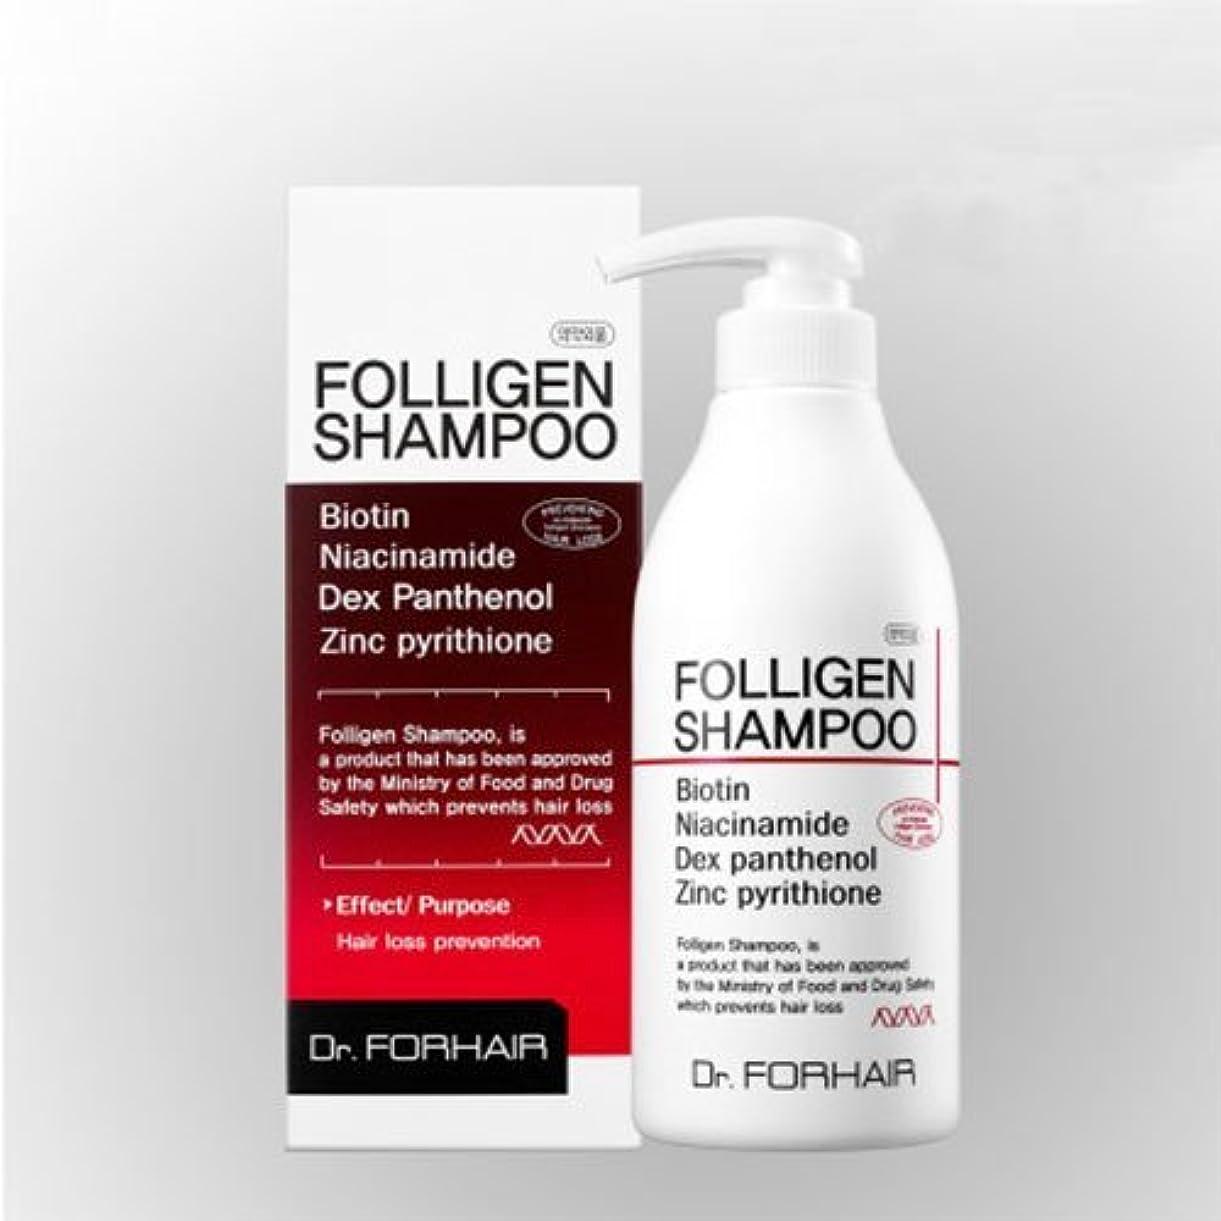 支給ママためにダクト?フォーヘア ポルリジェン シャンプー500ml 脱毛防止シャンプー[並行輸入品] / Dr. Forhair Folligen Shampoo 500ml (16.9 fl.oz.) for Hair Loss Prevention